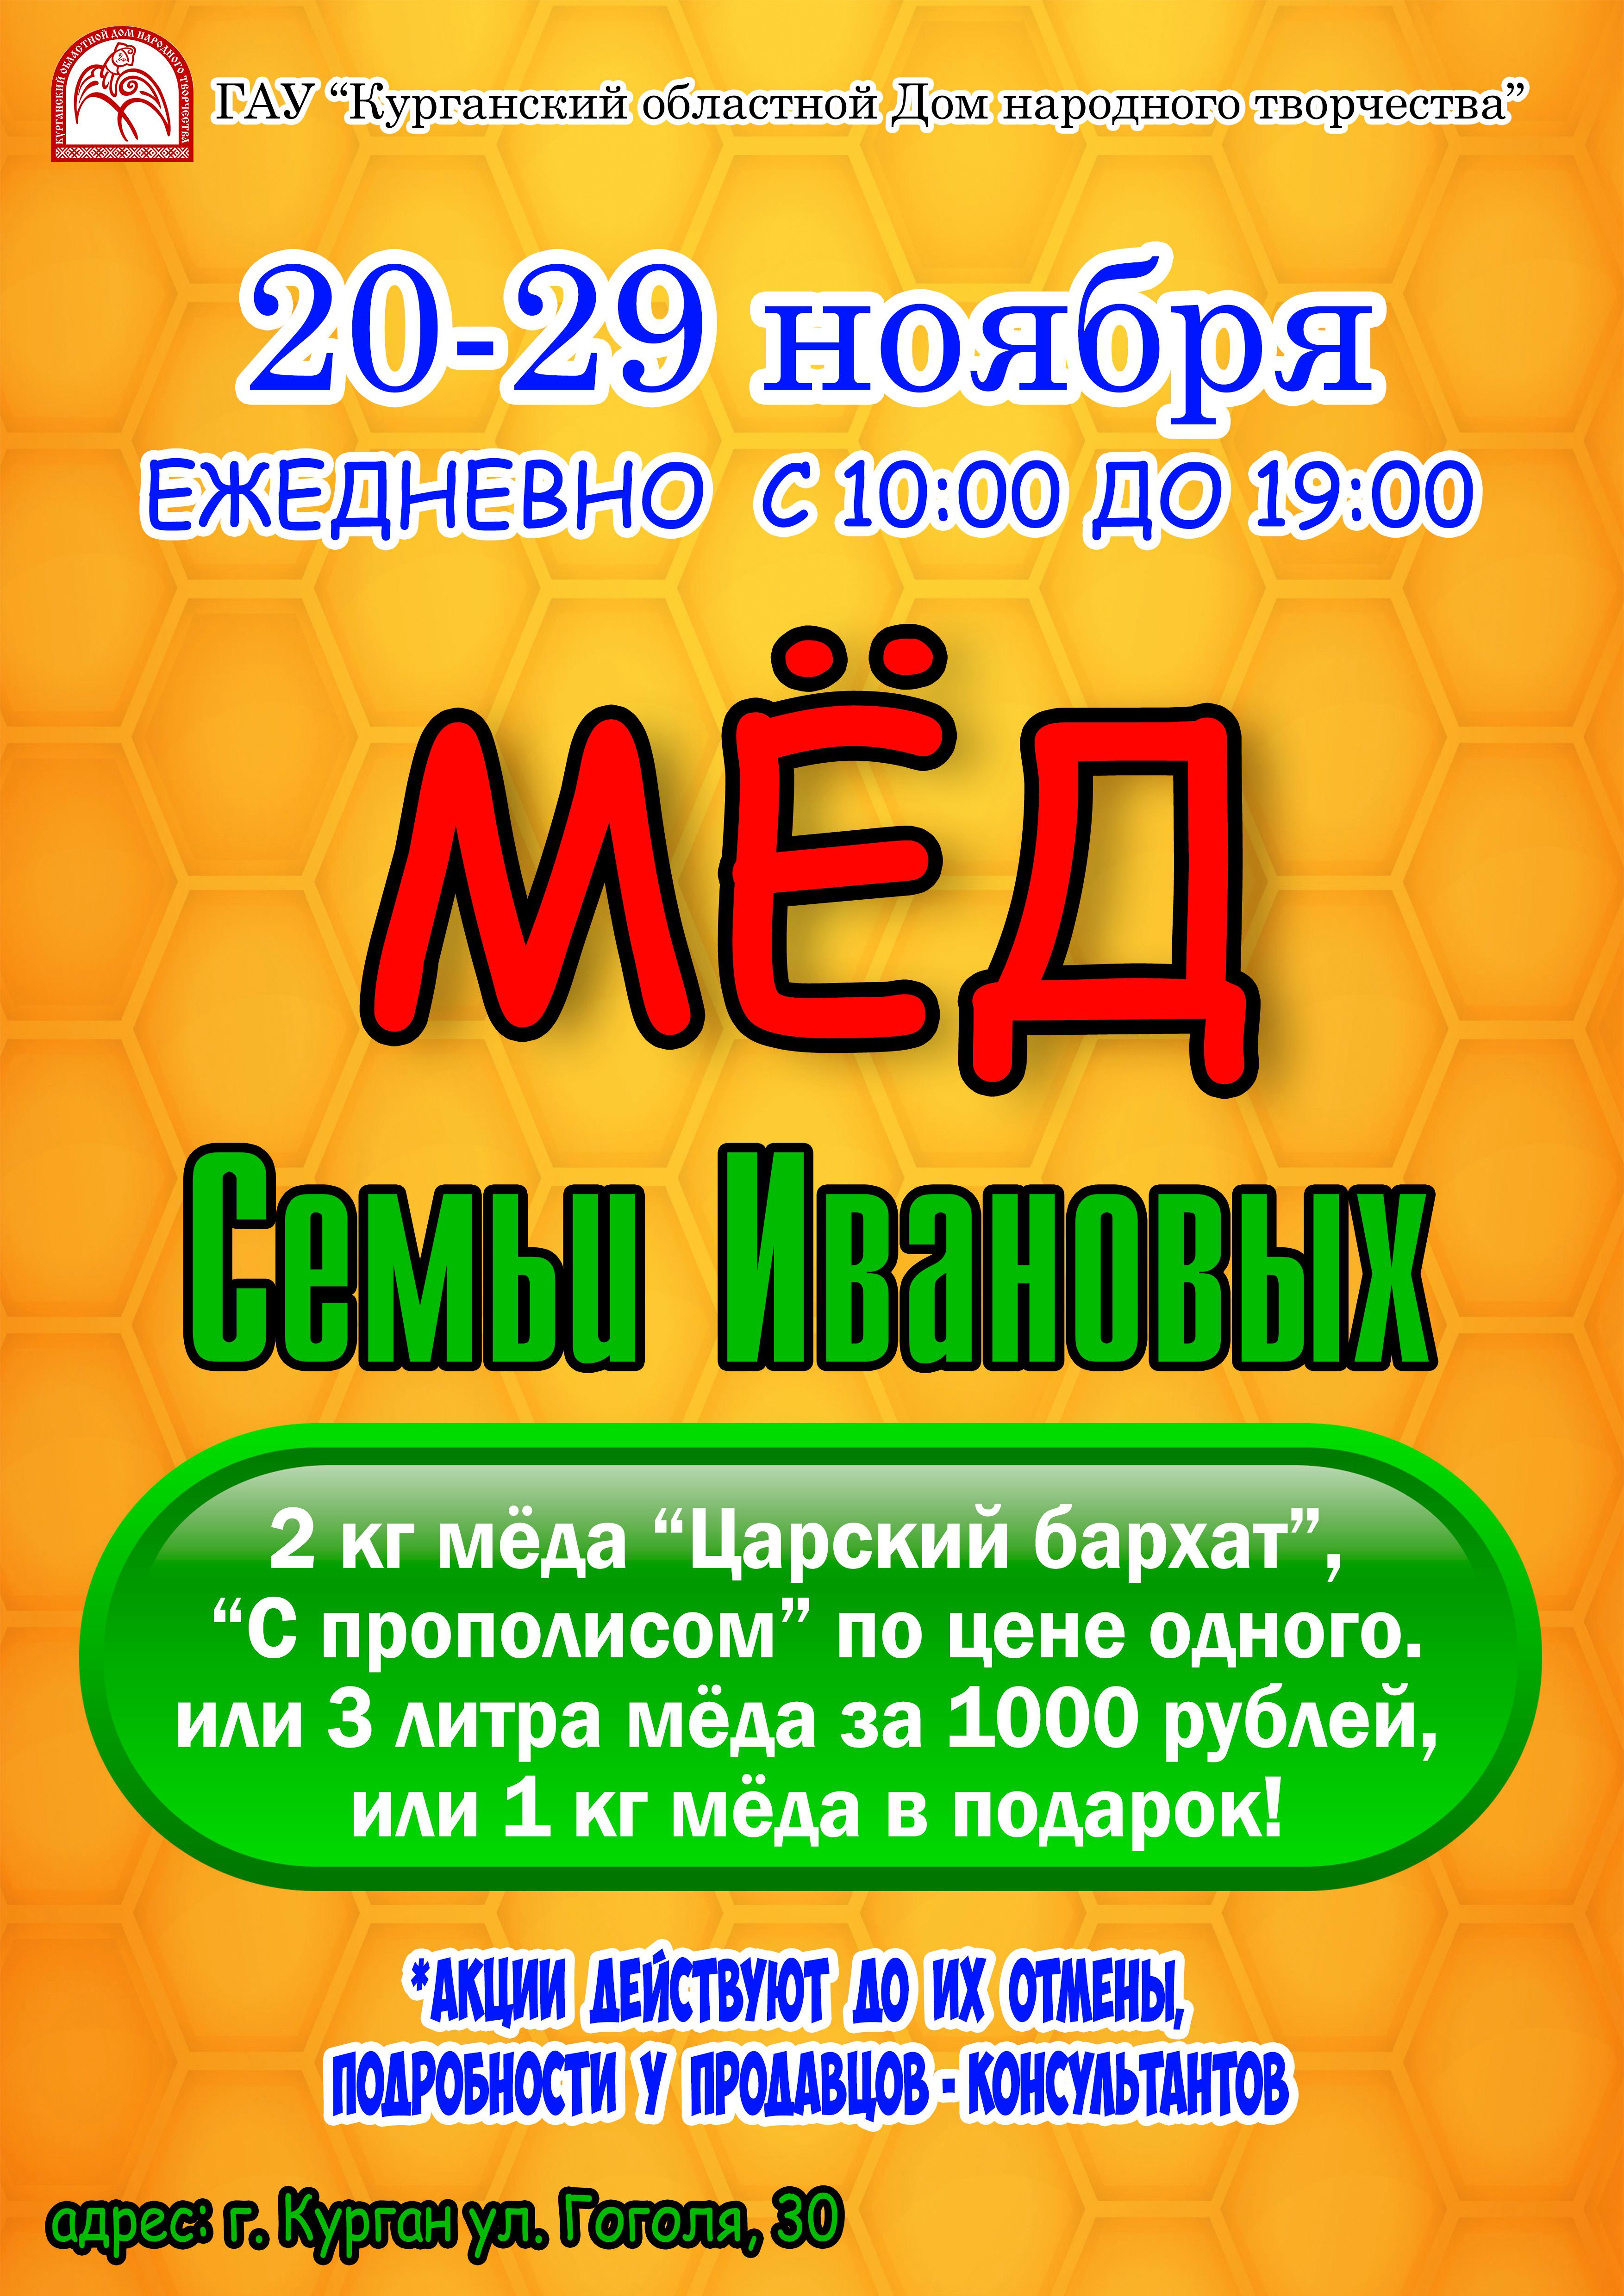 Выставка-ярмарка Медовый праздник курган афиша расписание